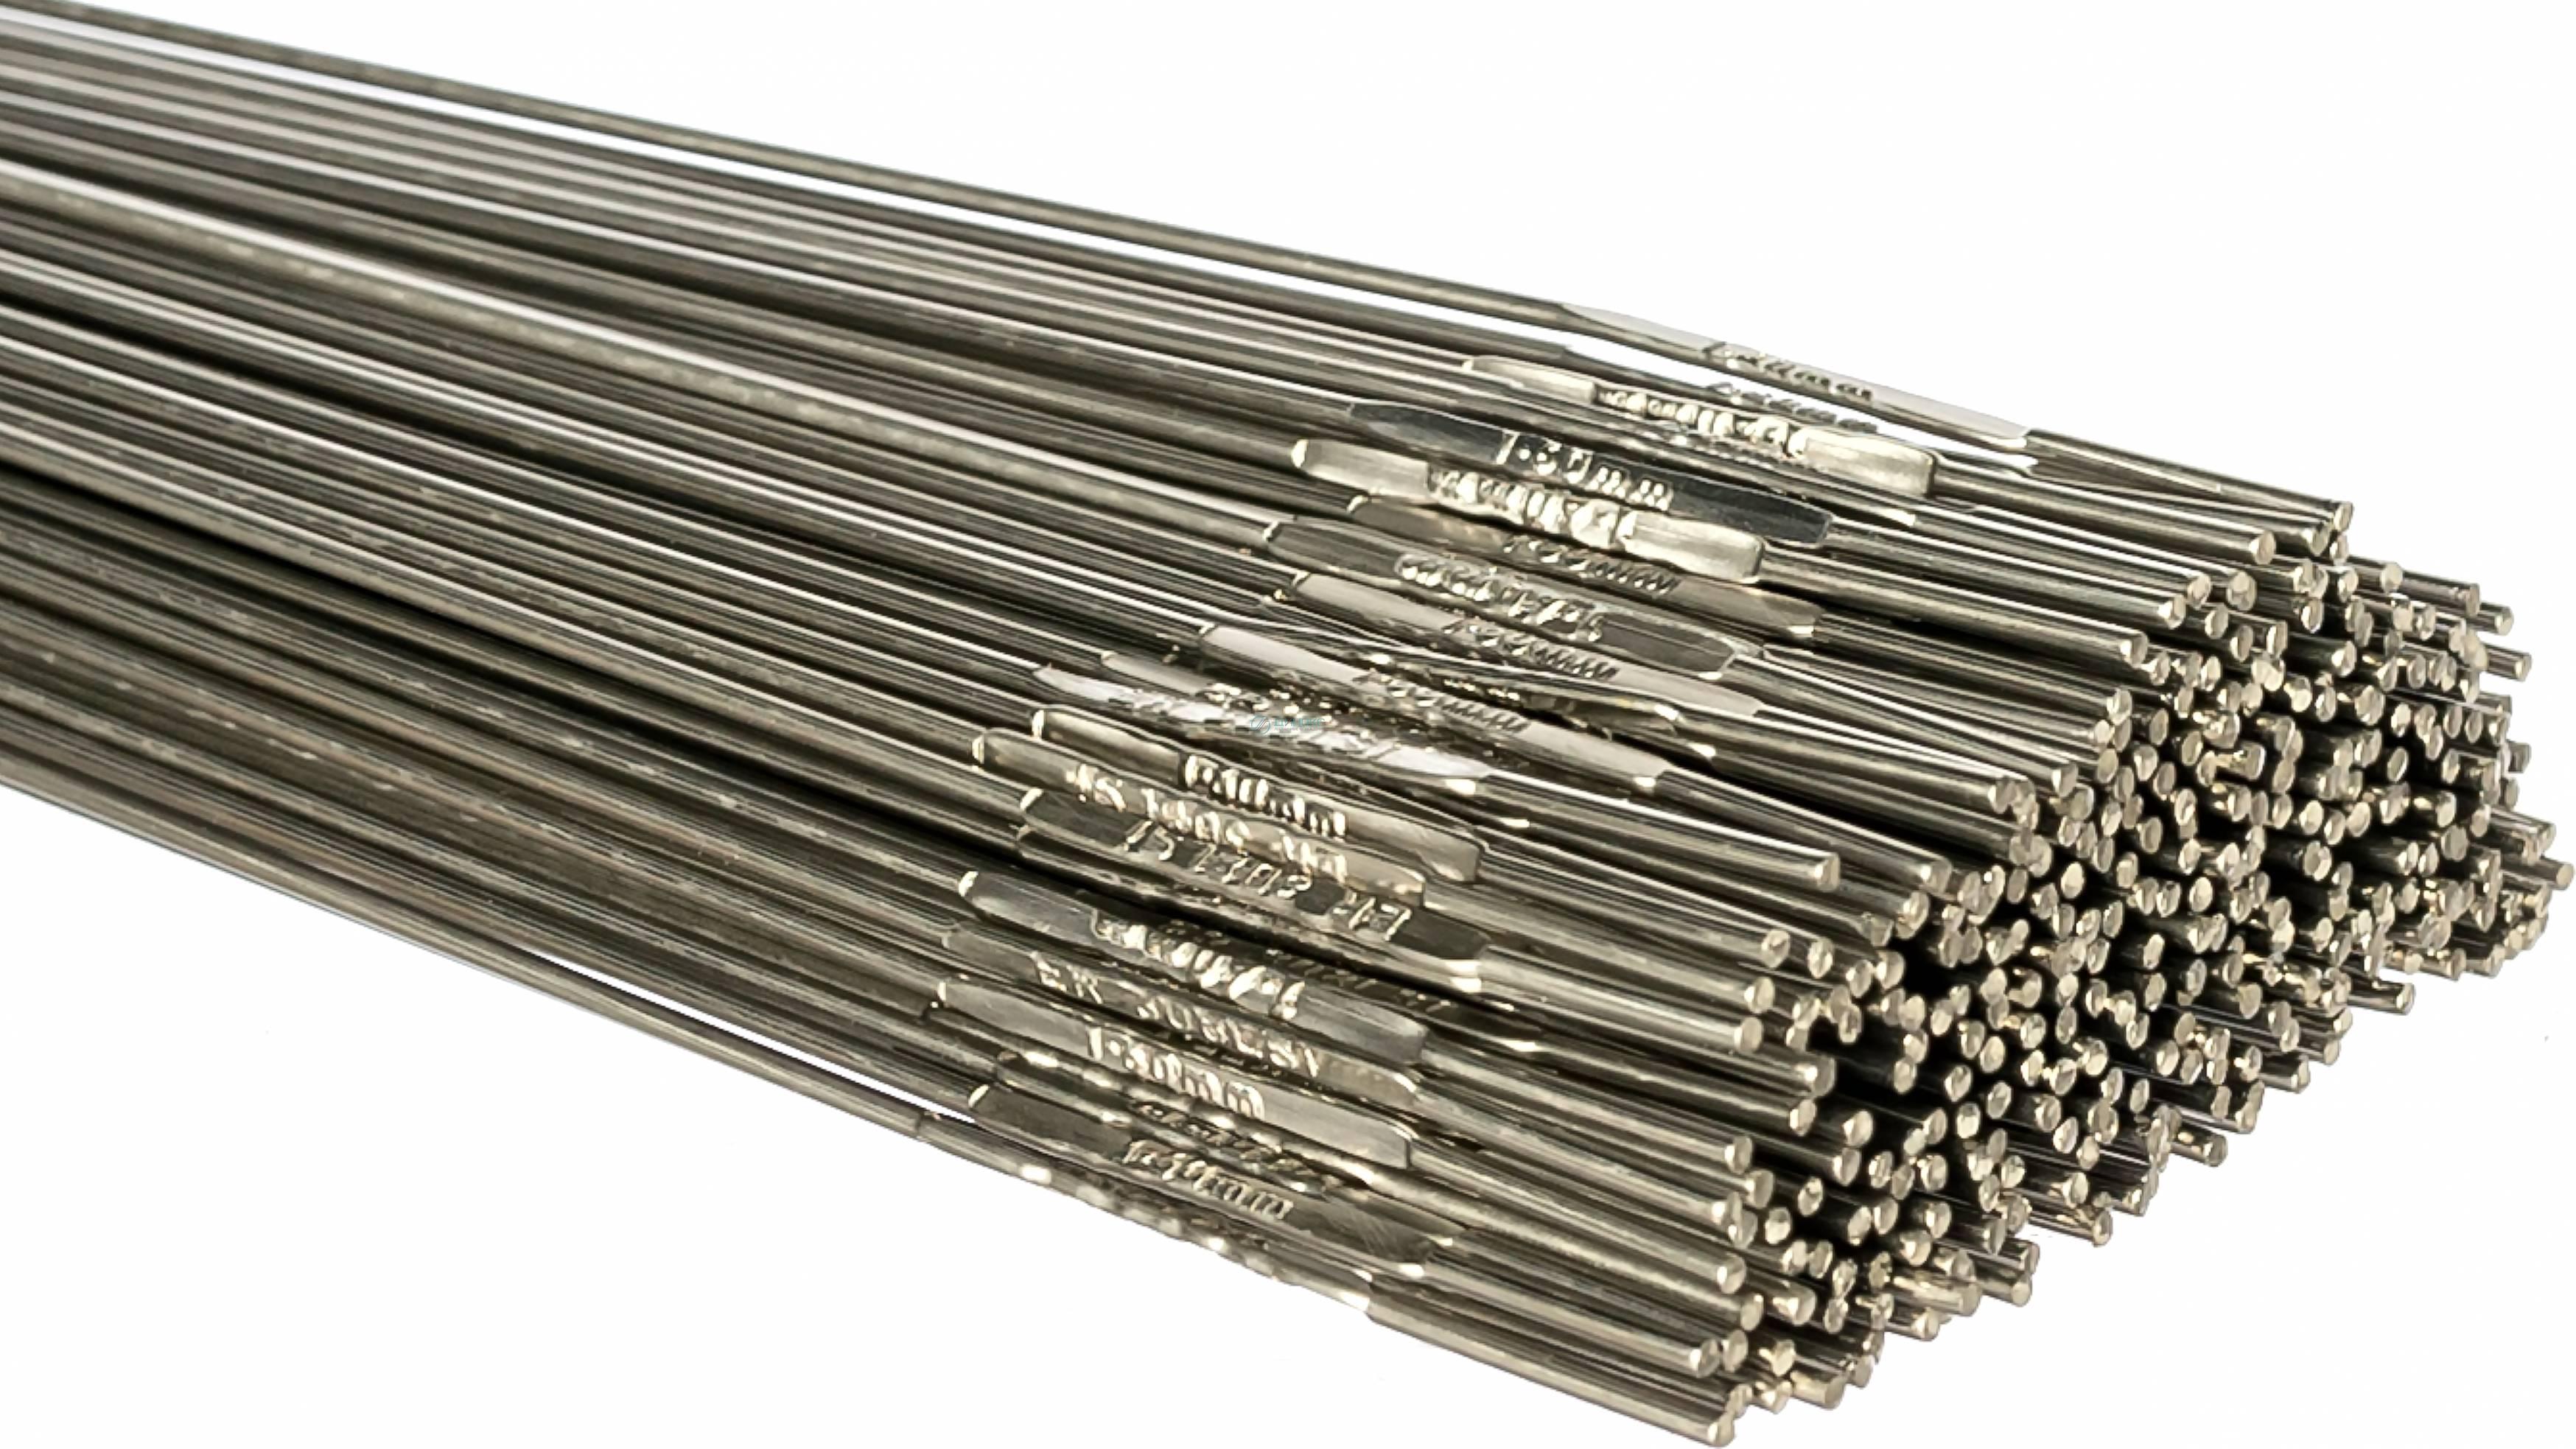 Сварка нержавейки аргоном: соединение тонкого металла, труб